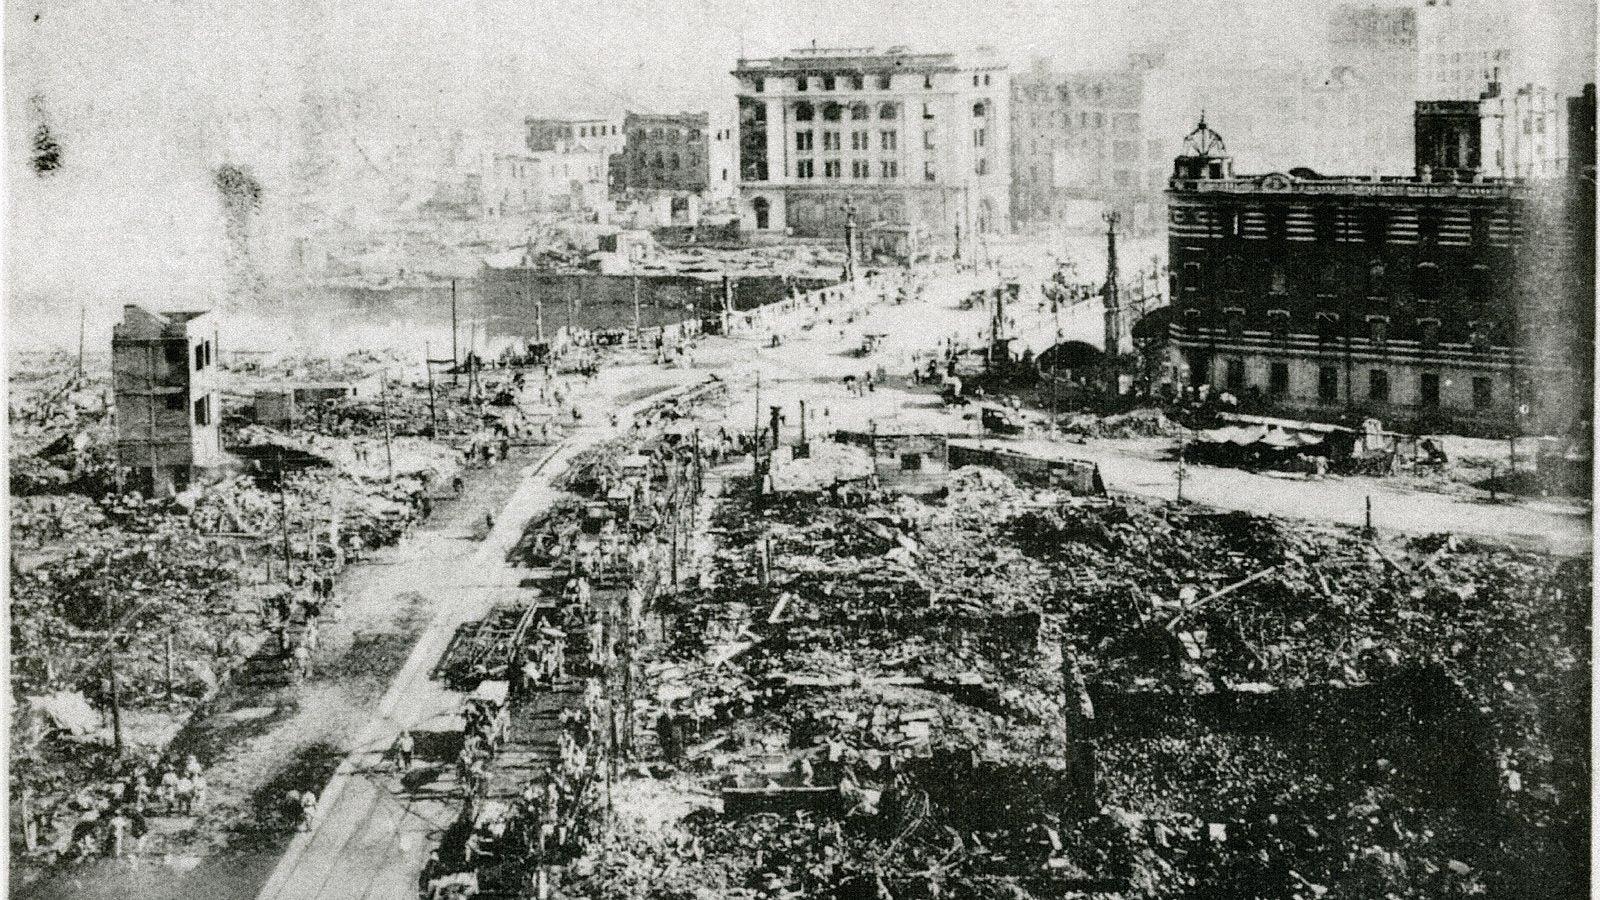 The Great Kanto Earthquake